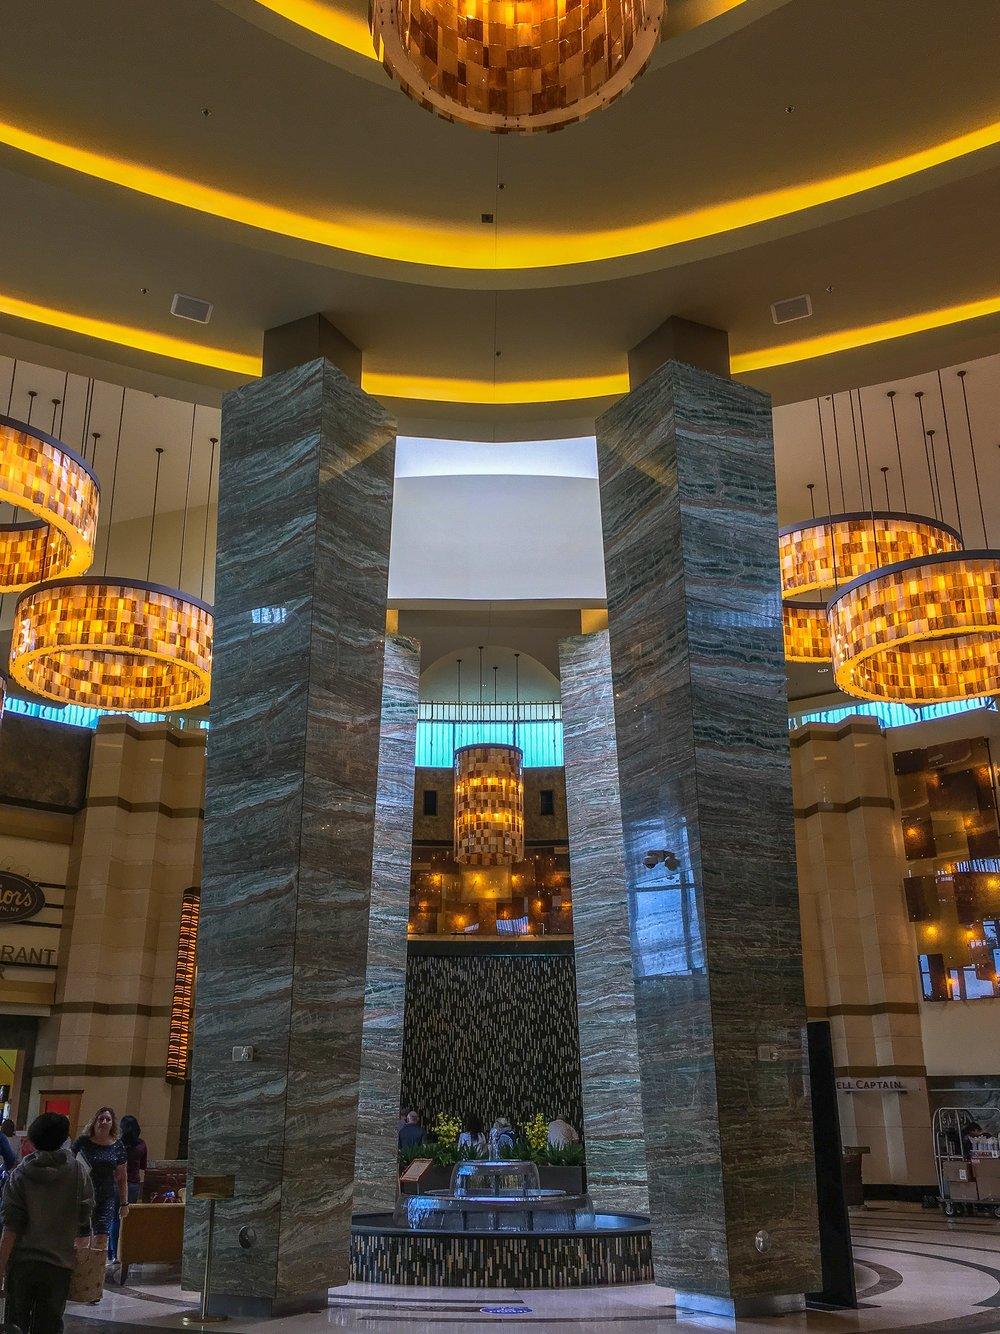 Fox Tower at Foxwoods Resort Casino